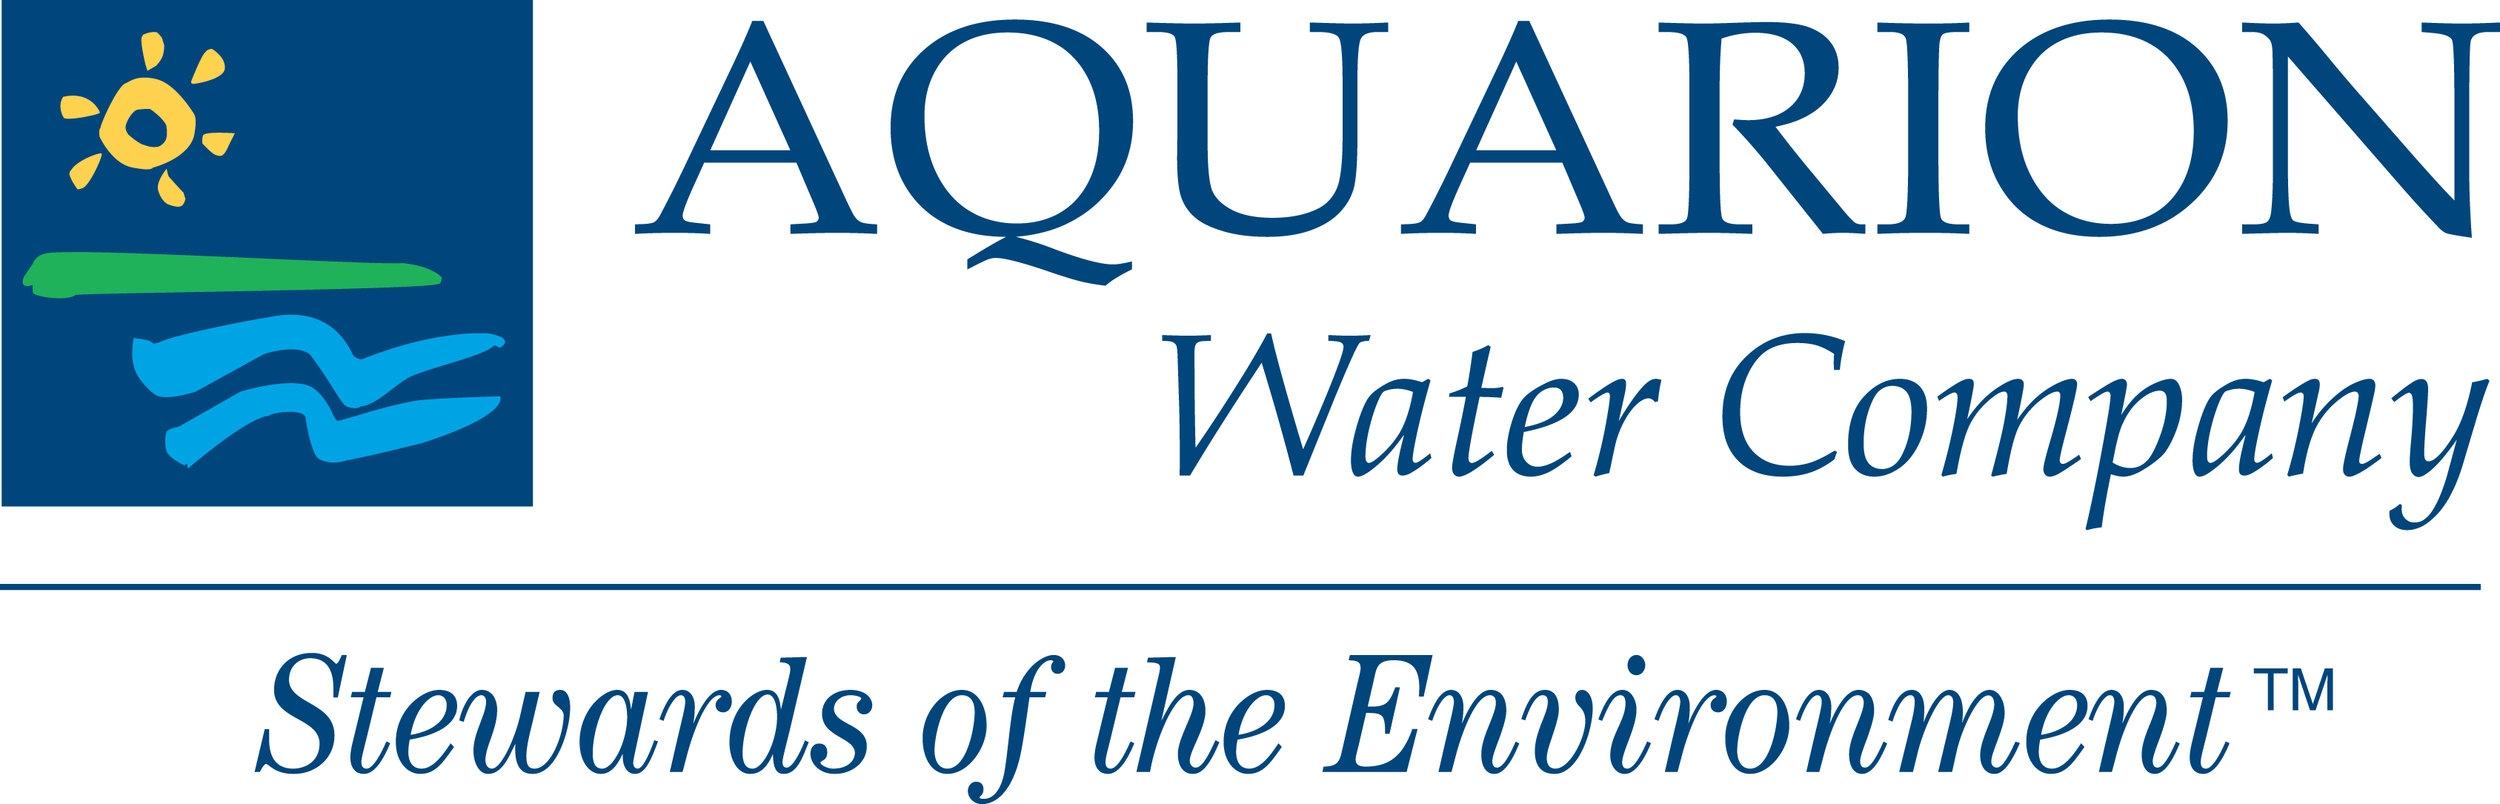 http://www.aquarion.com/MA/